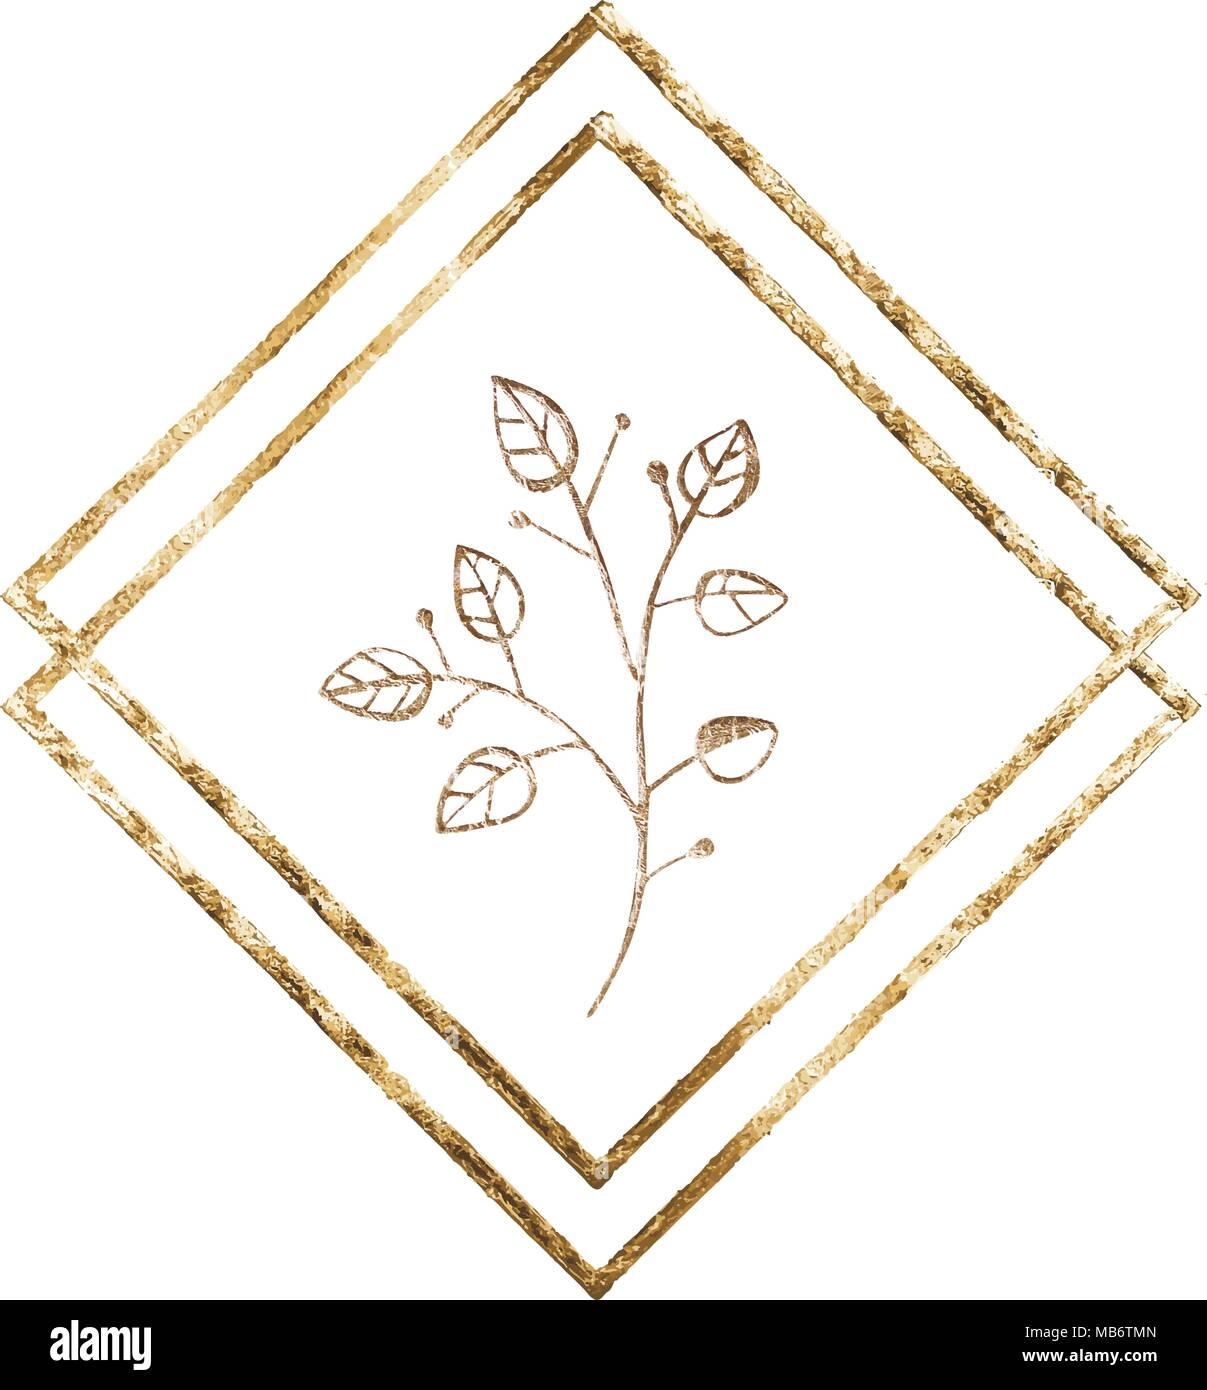 Dekoration Elemente Für Einladung, Hochzeit Karten, Valentines Tag,  Grußkarten. Auf Weissem Hintergrund. Vintage Floral Vector Hintergrund.